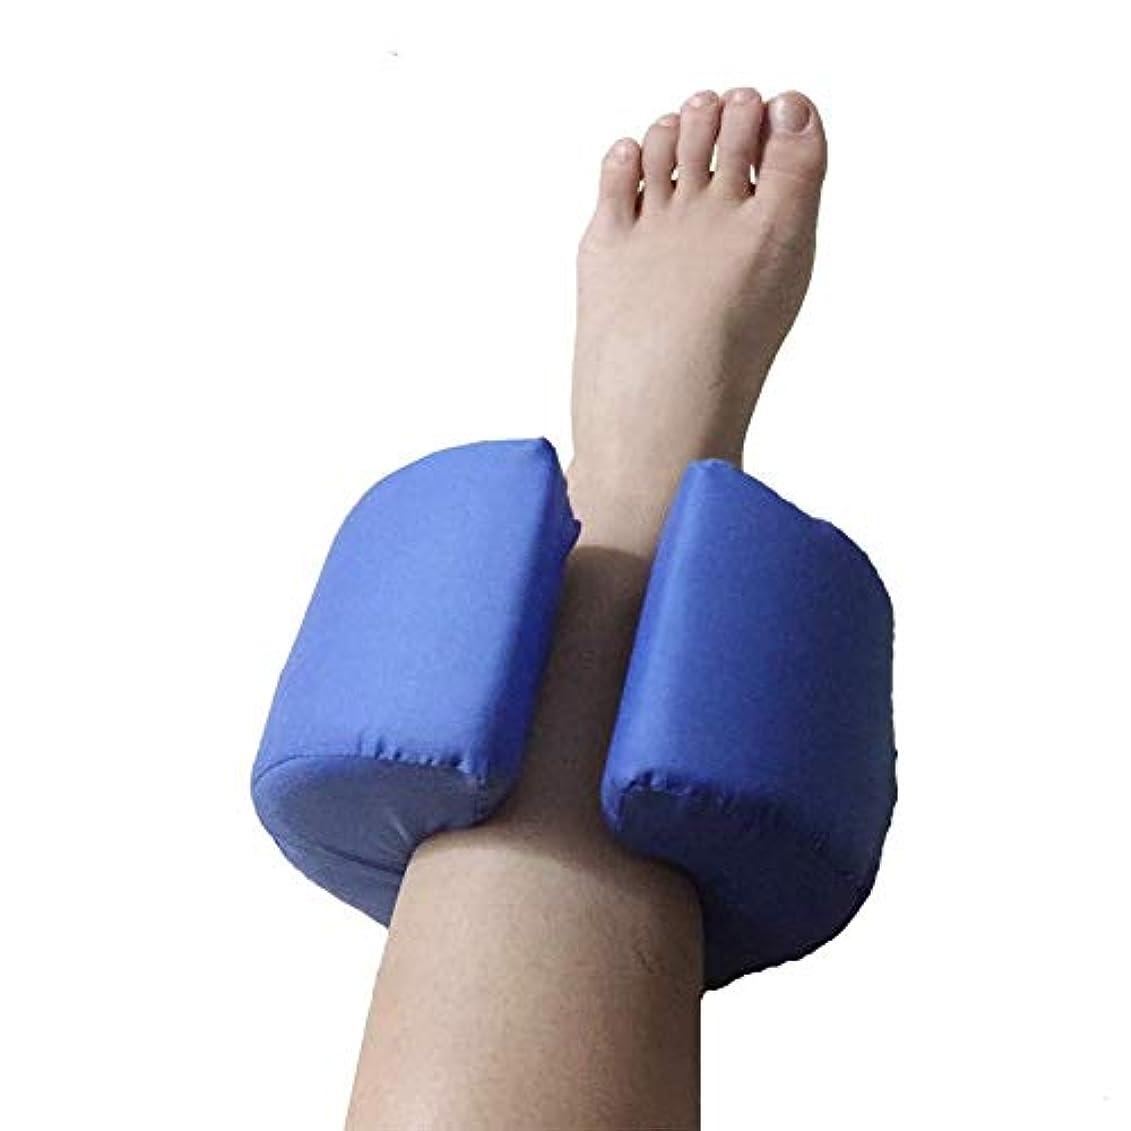 雷雨句読点悪性足のサポートスポンジハンドリング、子供のためのマットのリハビリテーションの看護のパッドの残りの部分の上の看護のマットロール(1組) (Size : A)